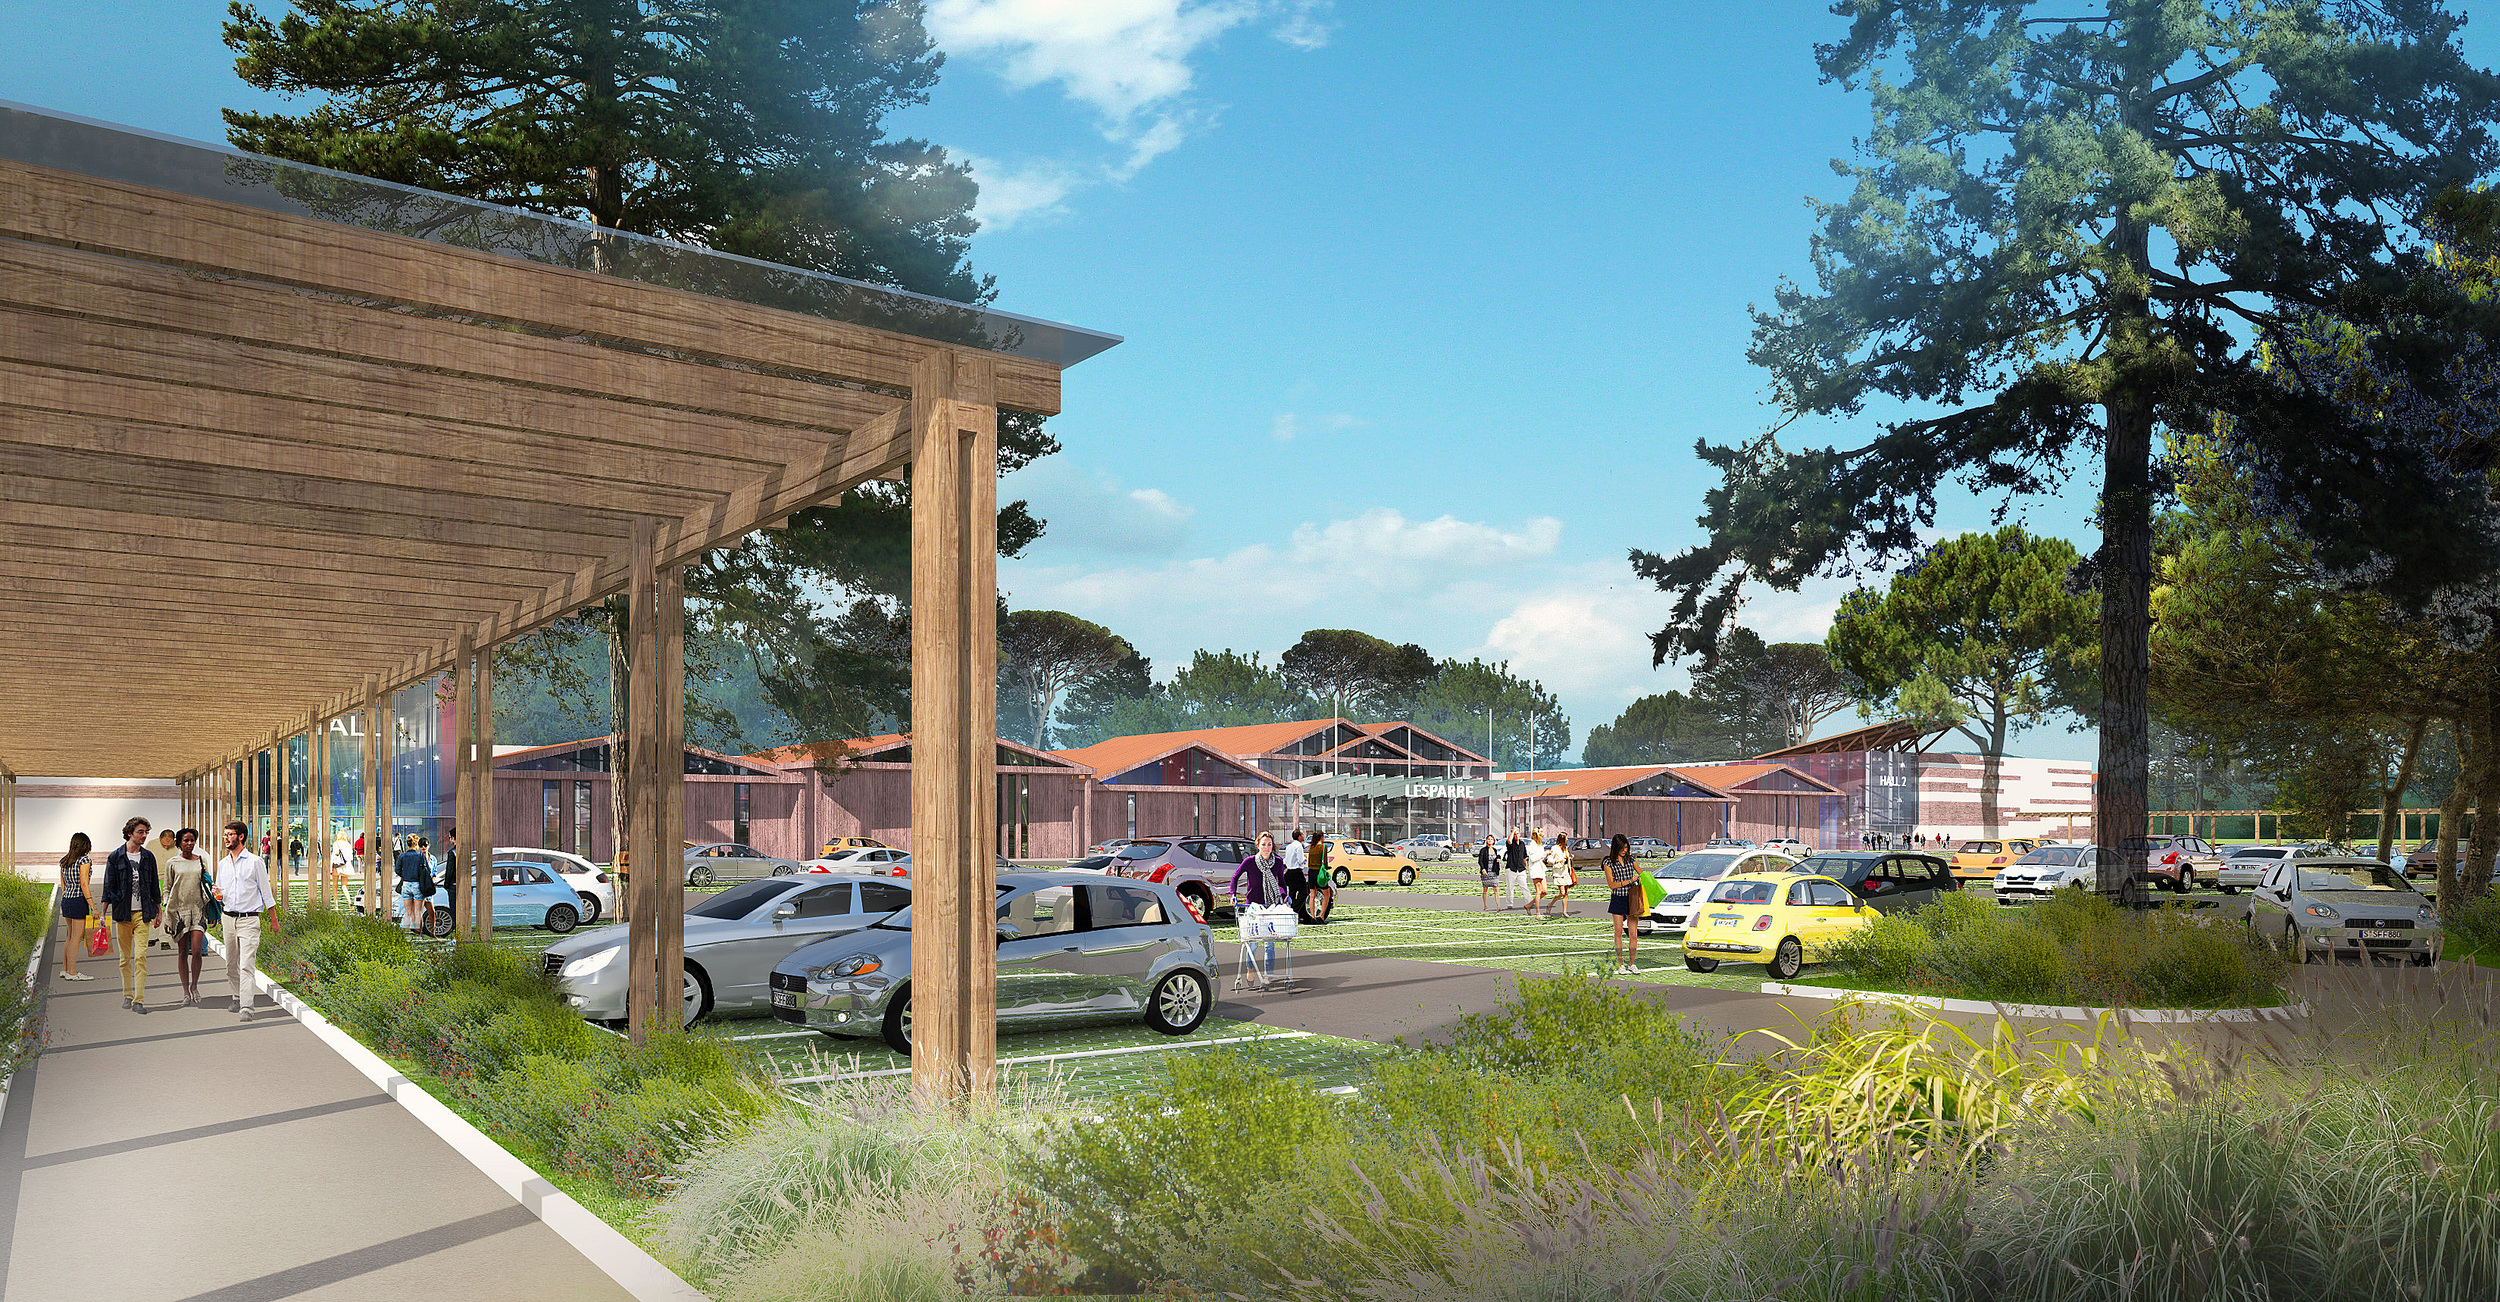 Retail park de 11 800 m² GLA avec parking paysagé de 800 places